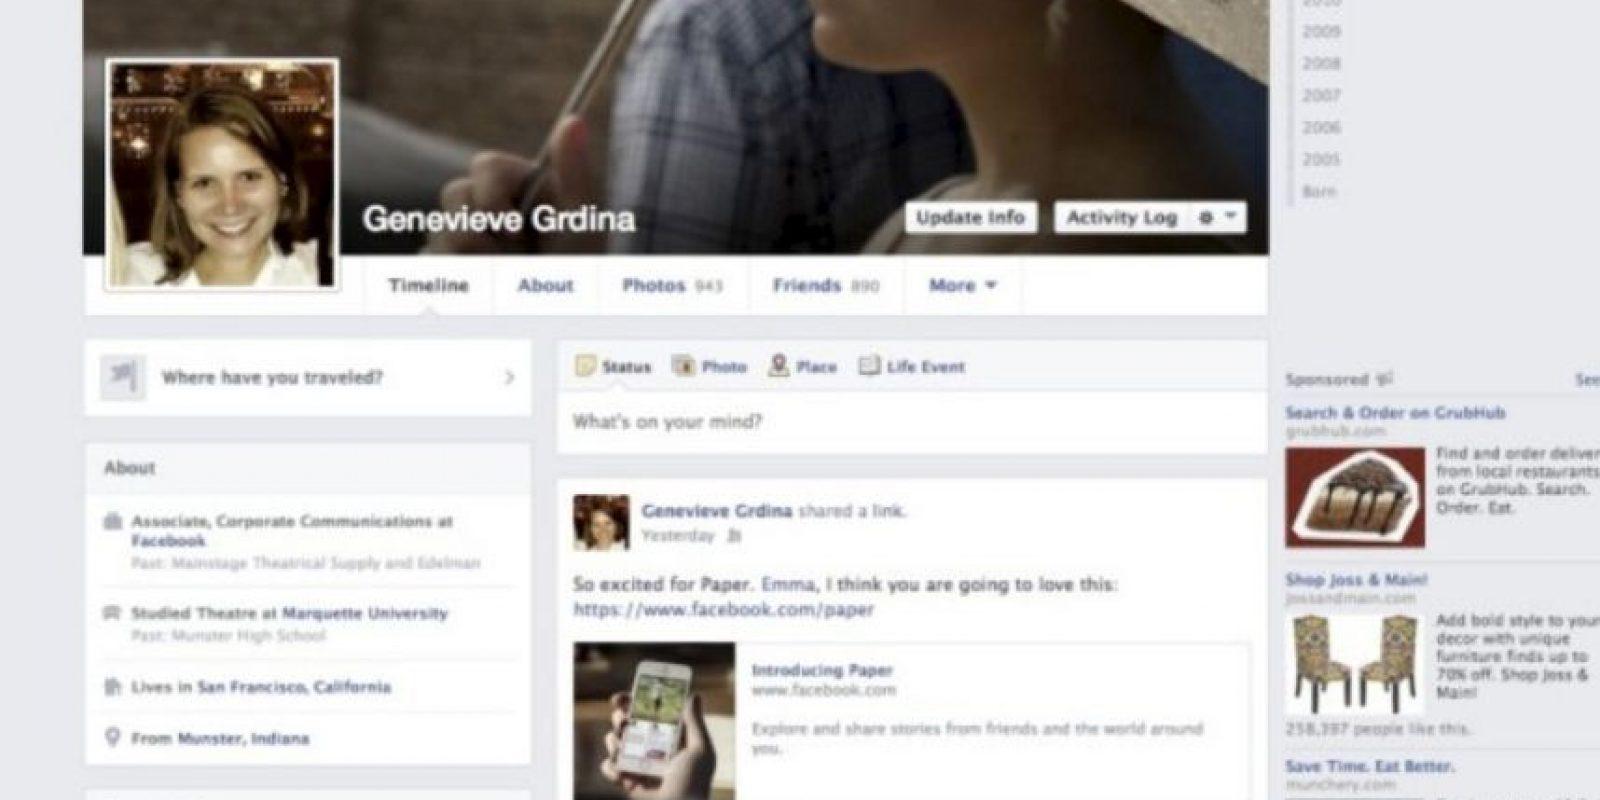 """2013-2014. Facebook introduce una aplicación llamada """"Paper"""" y se los colores se vuelven más sutiles. Foto:vía Facebook.com"""